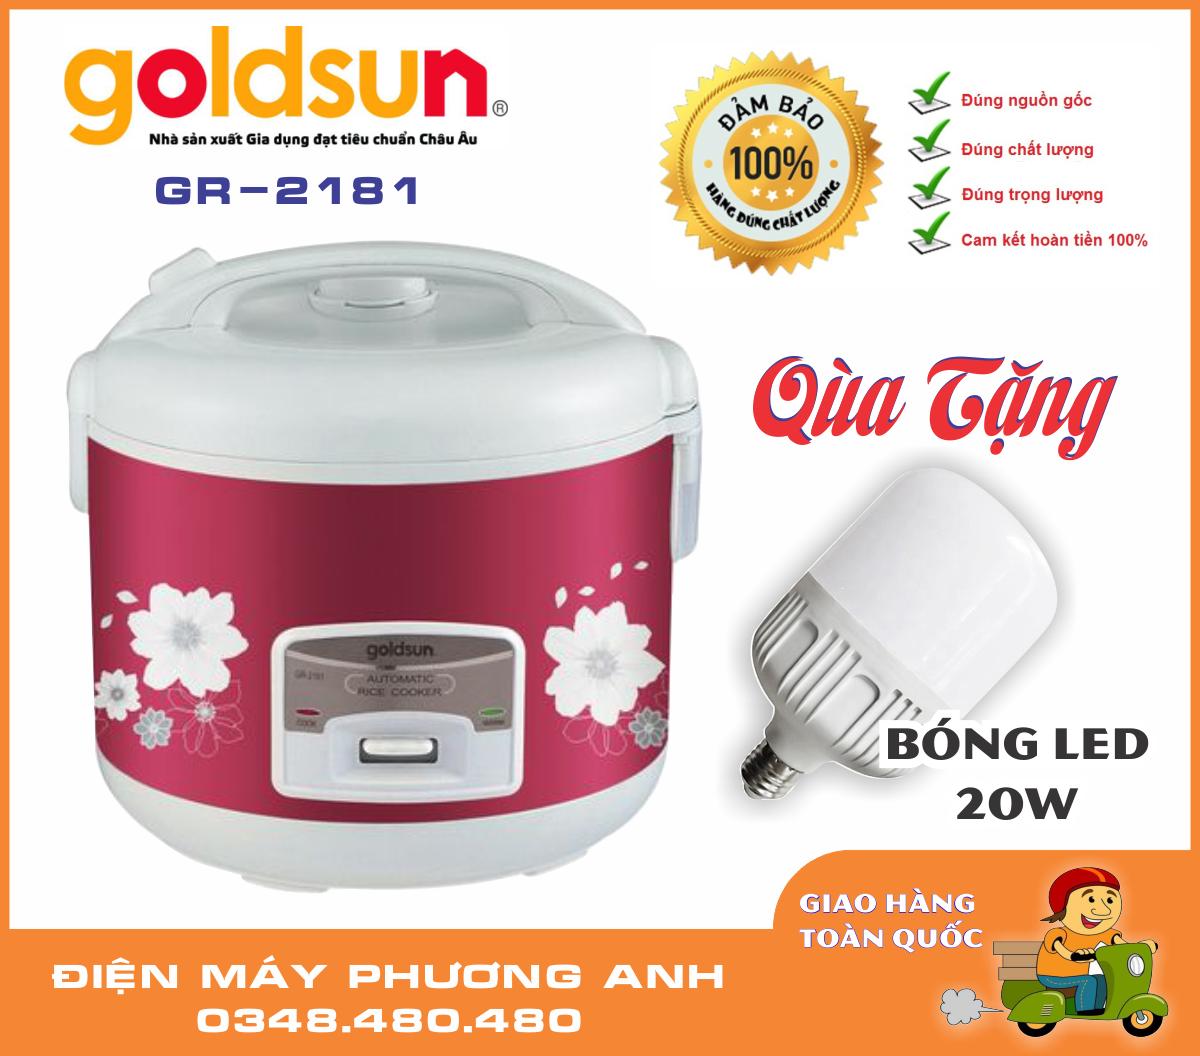 Bảng giá Nồi cơm điện Goldsun nắp gài 1.8L GR-2181 + Tặng Bóng LED Bulb 20W trị giá 100K Điện máy Pico